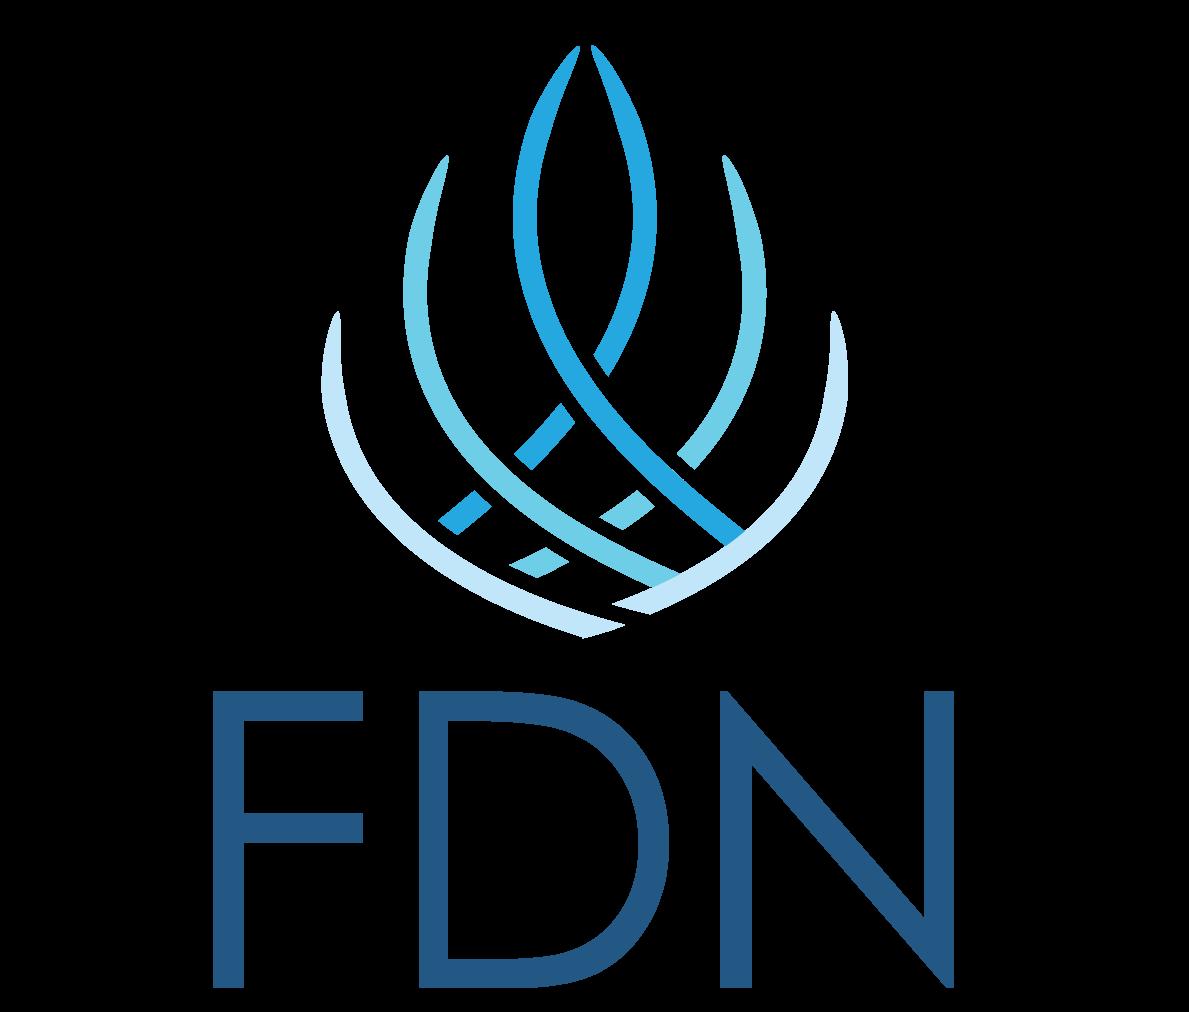 FDN Vertical Logo